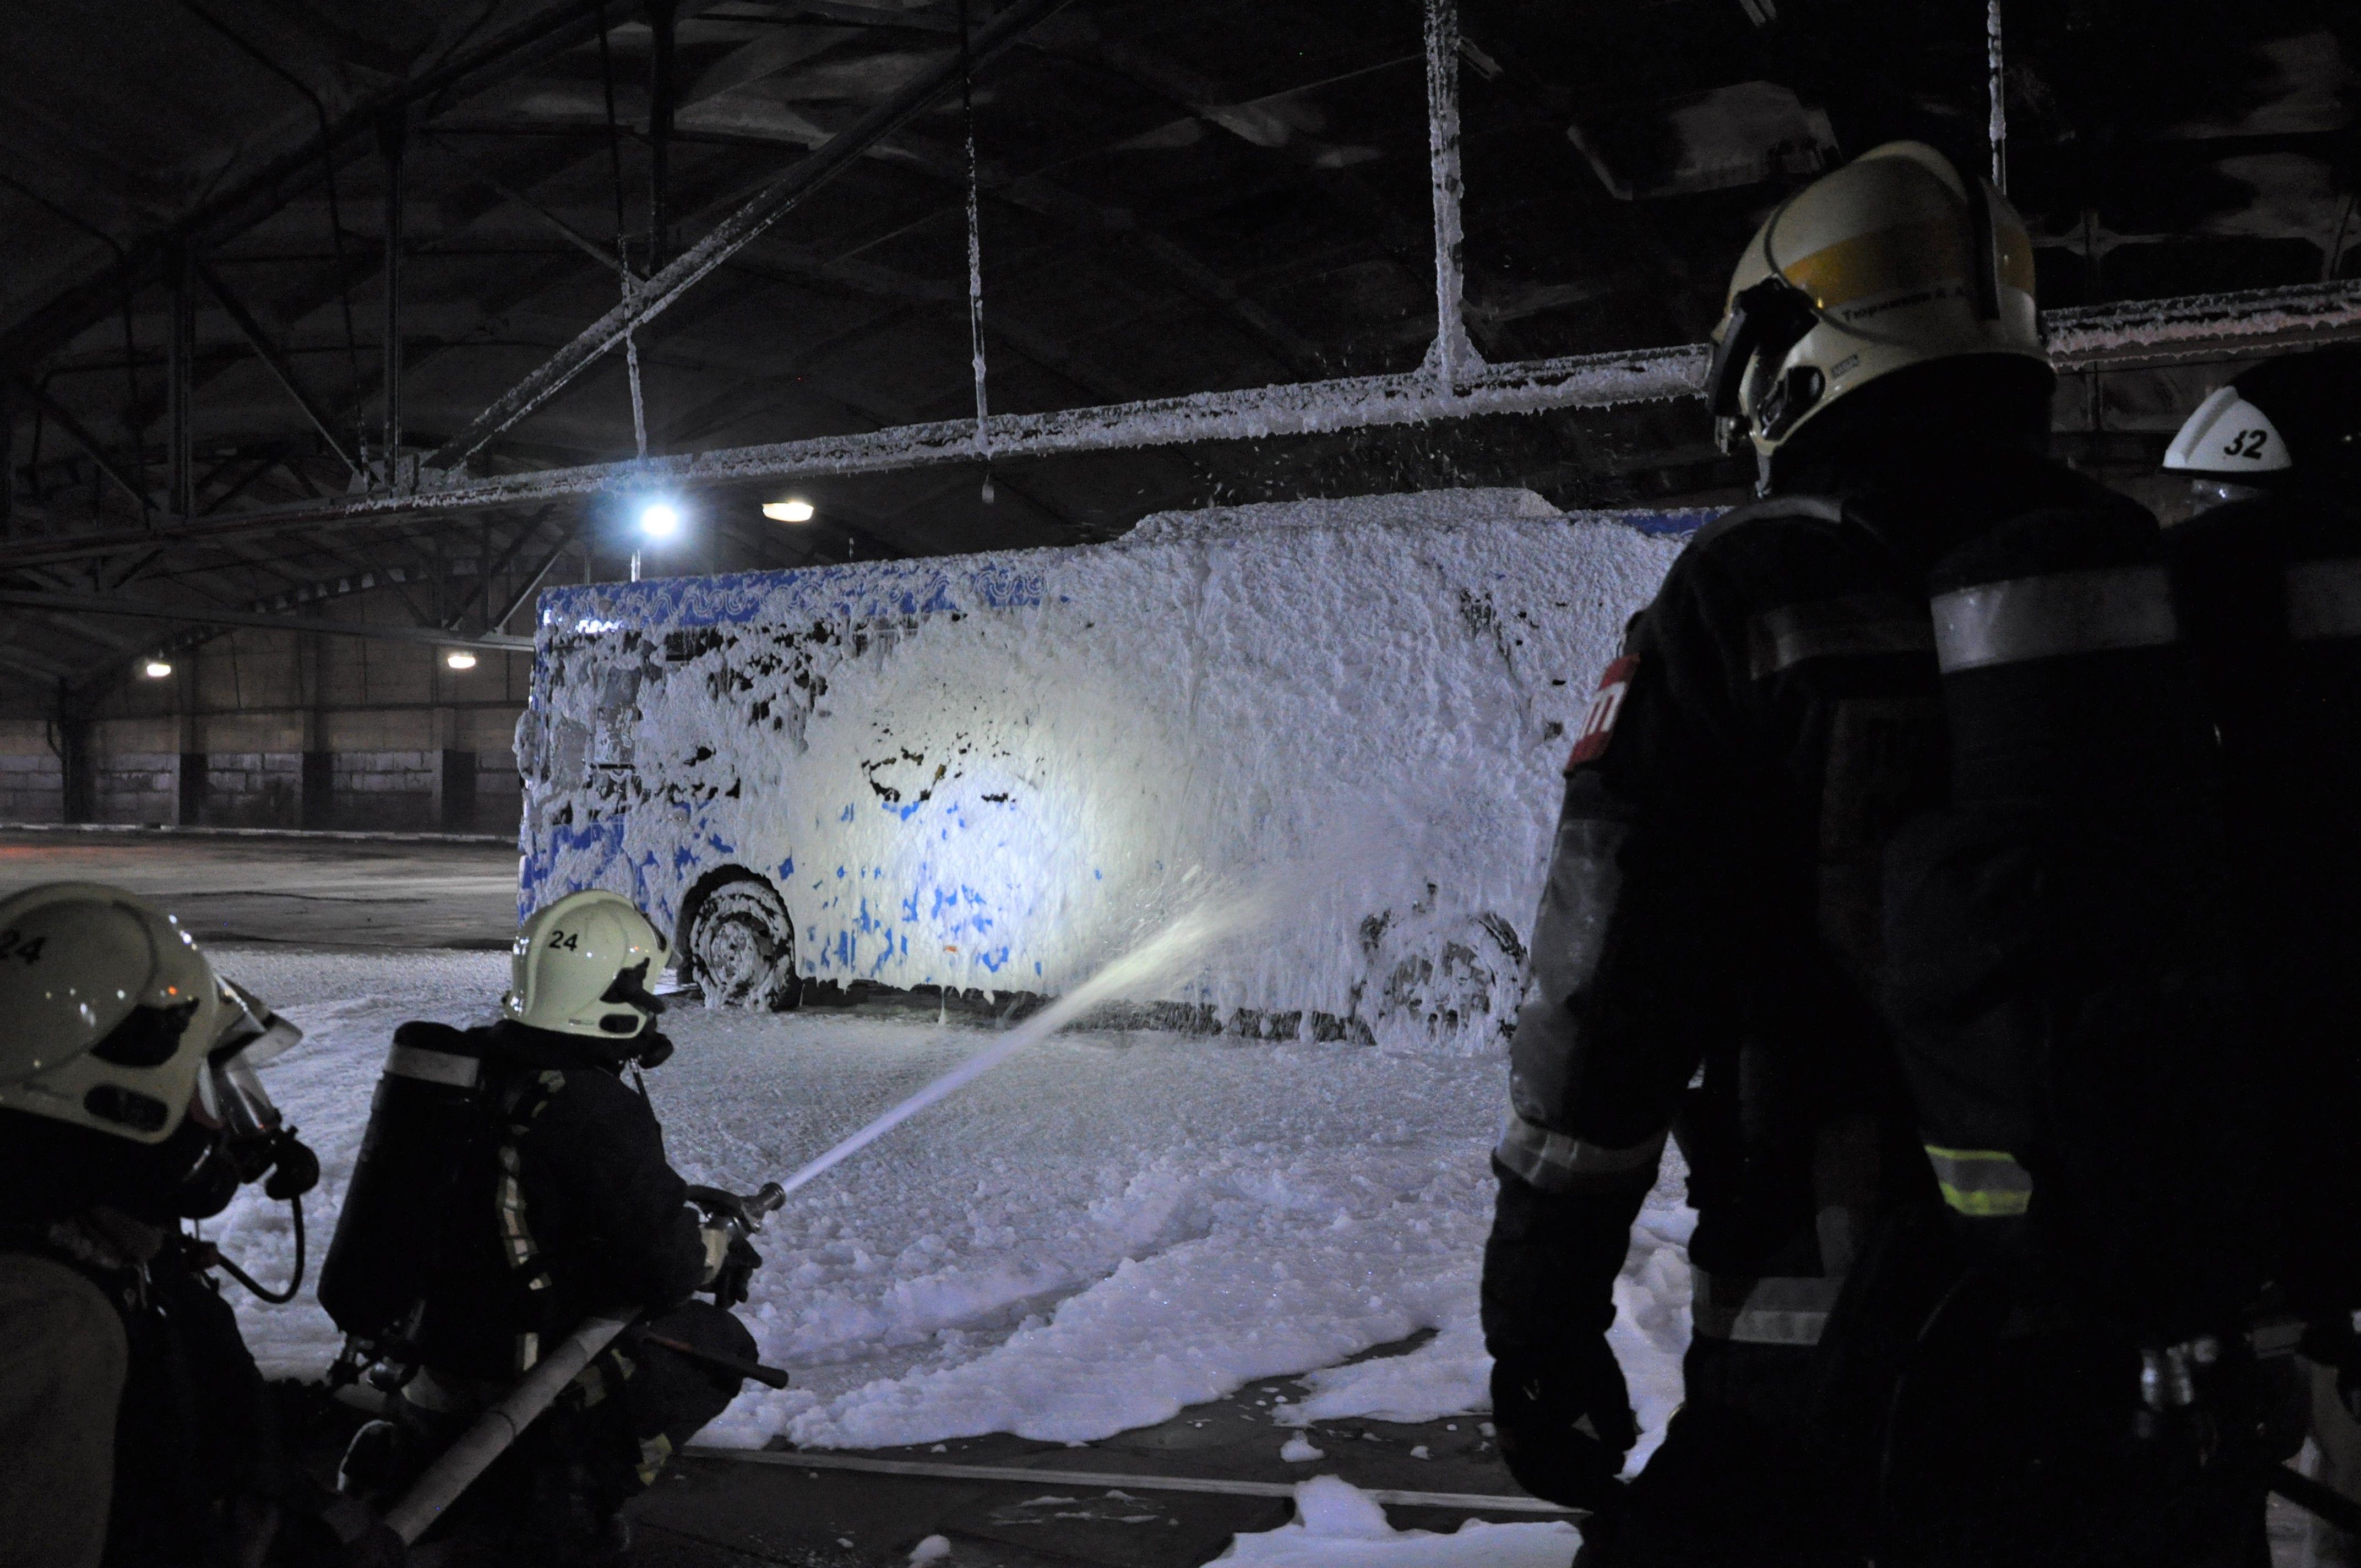 Пожарно-тактические учения состоялись в Чертанове Центральном